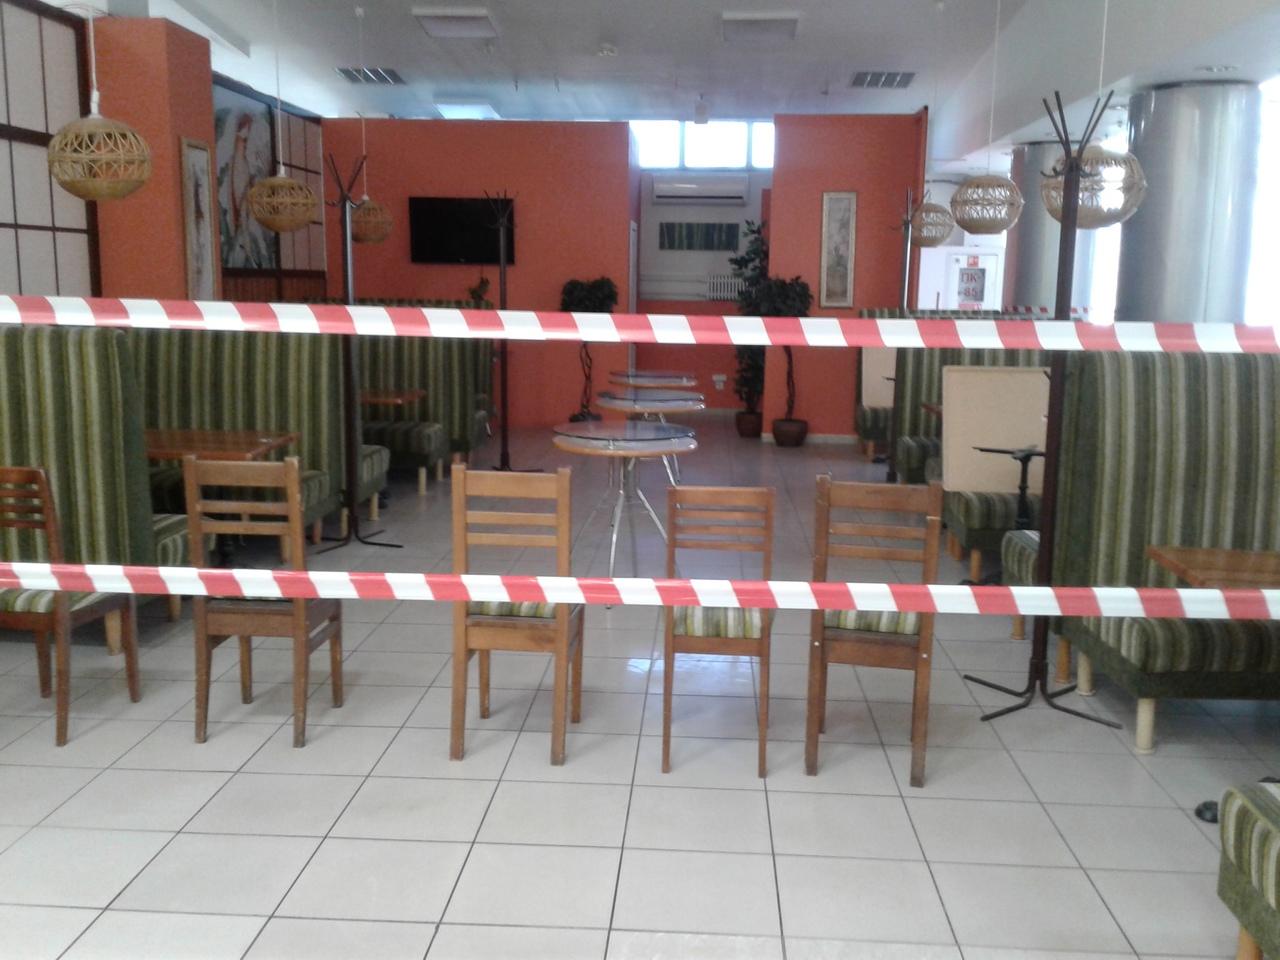 Омским ресторанам и кафе запретят работать по ночам #Новости #Общество #Омск